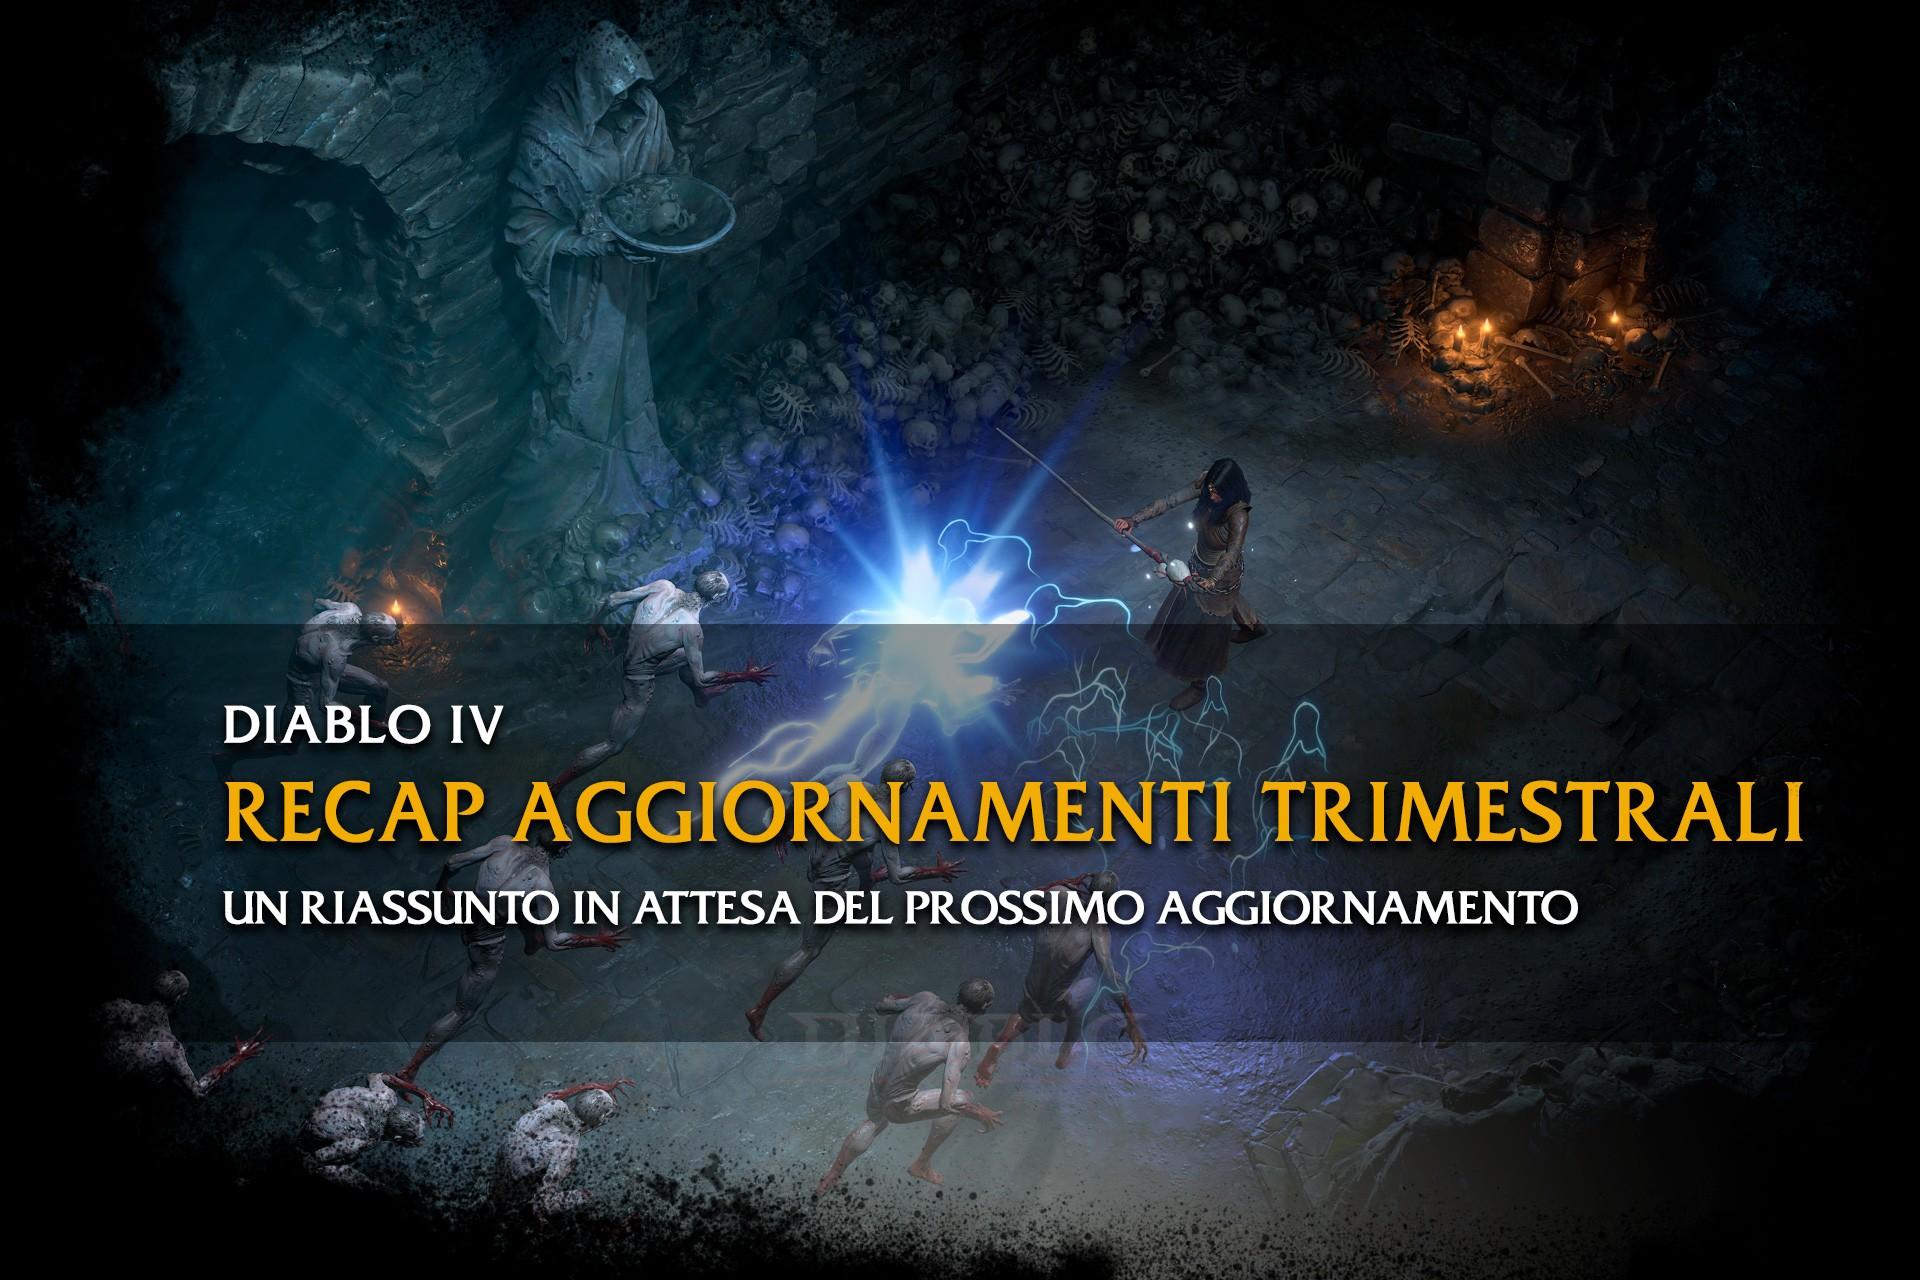 Diablo 4 - Recap degli aggiornamenti trimestrali